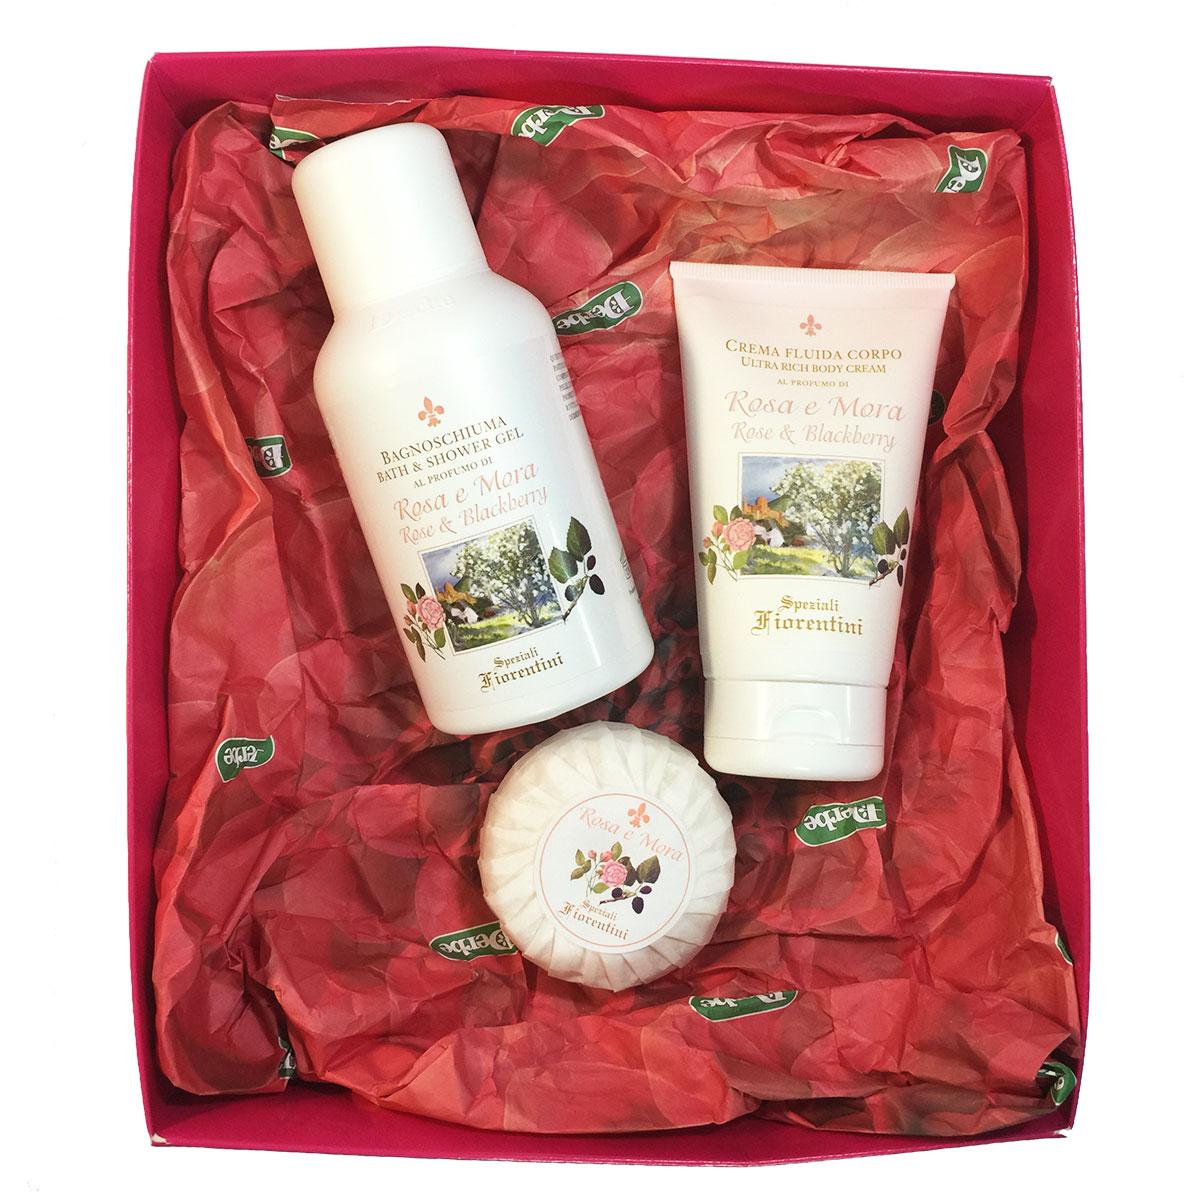 Derbe Подарочный набор Роза и ежевика: крем для тела, 150 мл, гель для душа, 250 мл, твердое мыло, 100 г